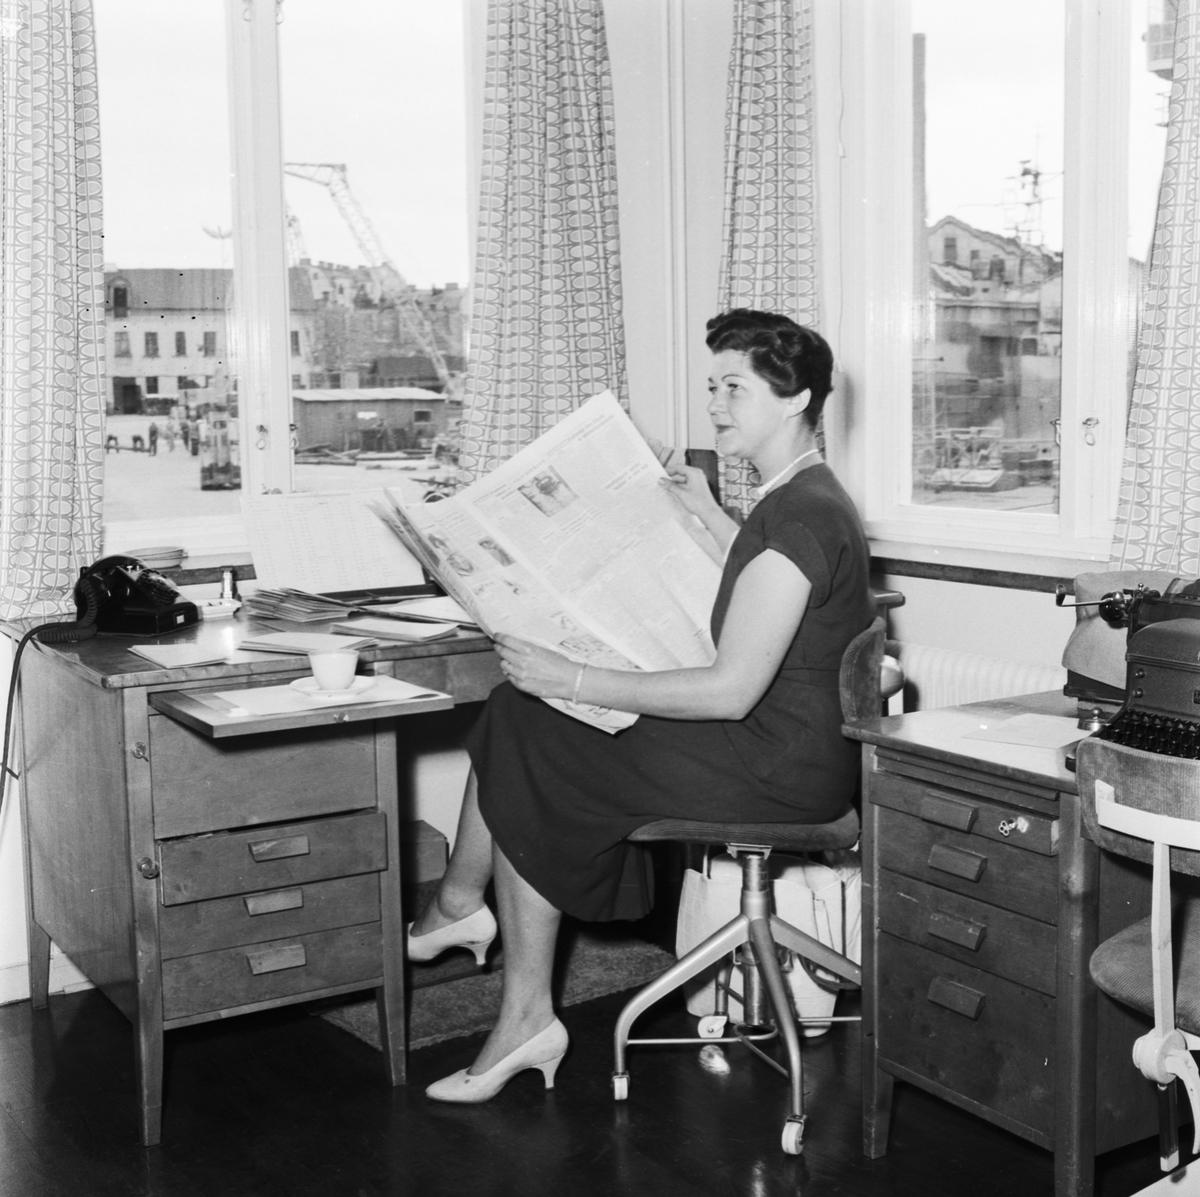 Övrigt: Foto datum: 13/8 1957 Byggnader och kranar Interiör från kontor. Närmast identisk bild: V13926, ej skannad